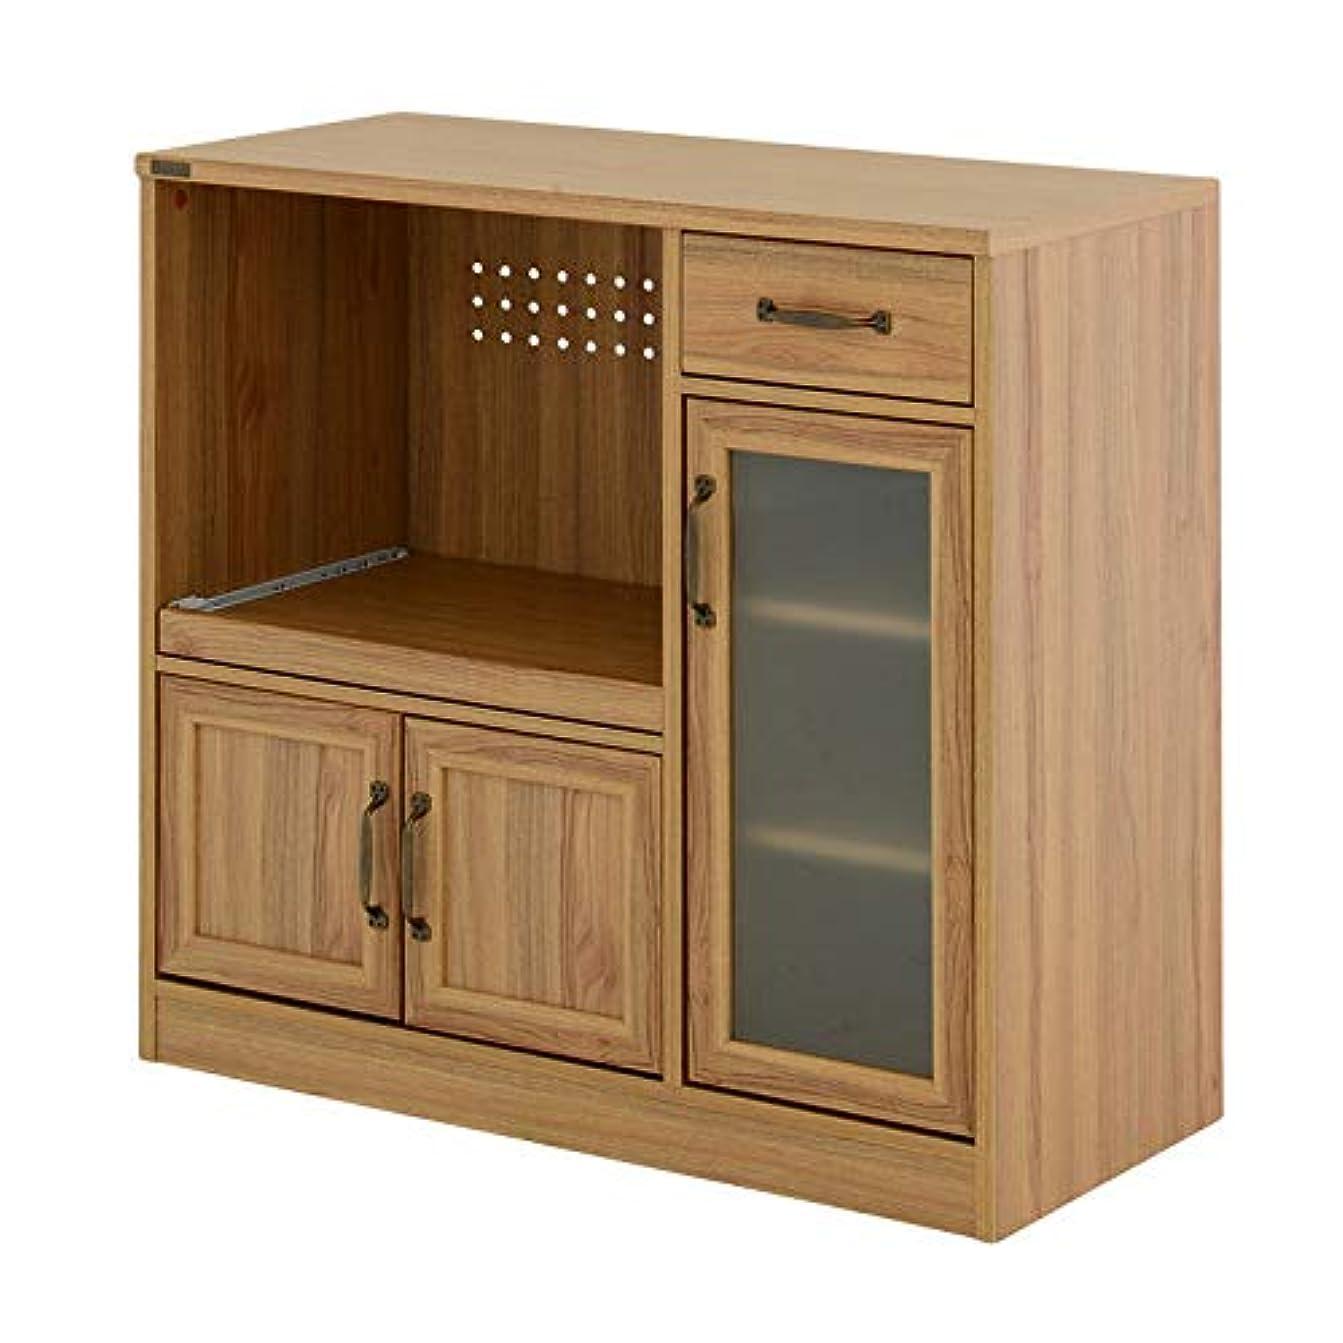 責める失態中間完成品 コンパクト カウンタータイプ レンジ台 レンジボード キッチンカウンター 幅88cm シンプル かわいい おしゃれ<LUFFY/LUK80-90L>